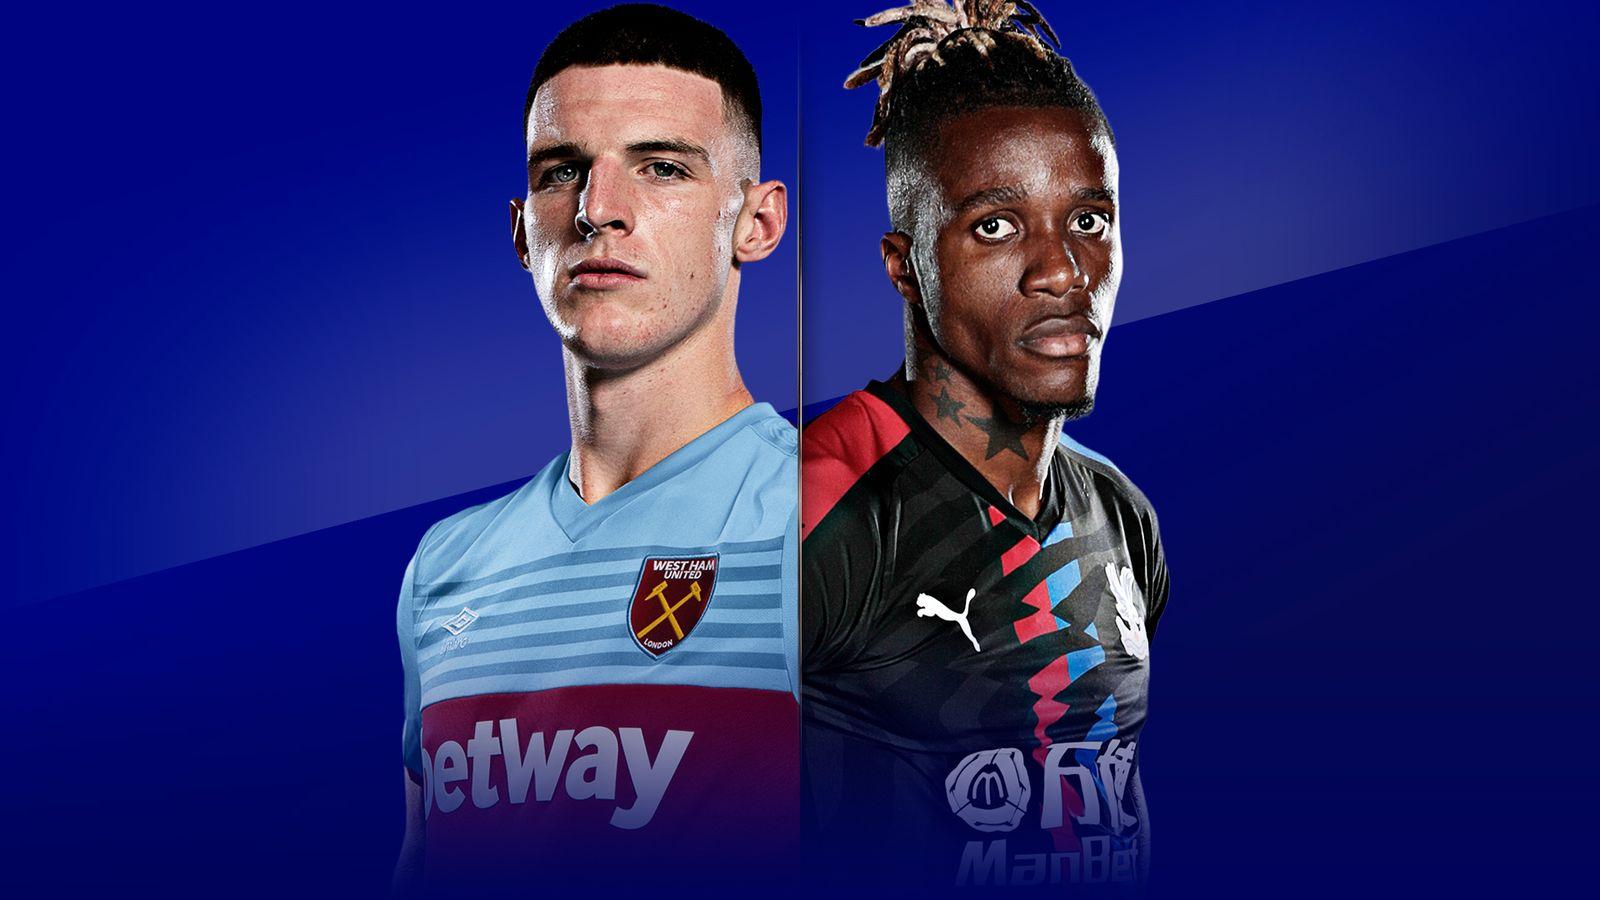 Premier League match previews